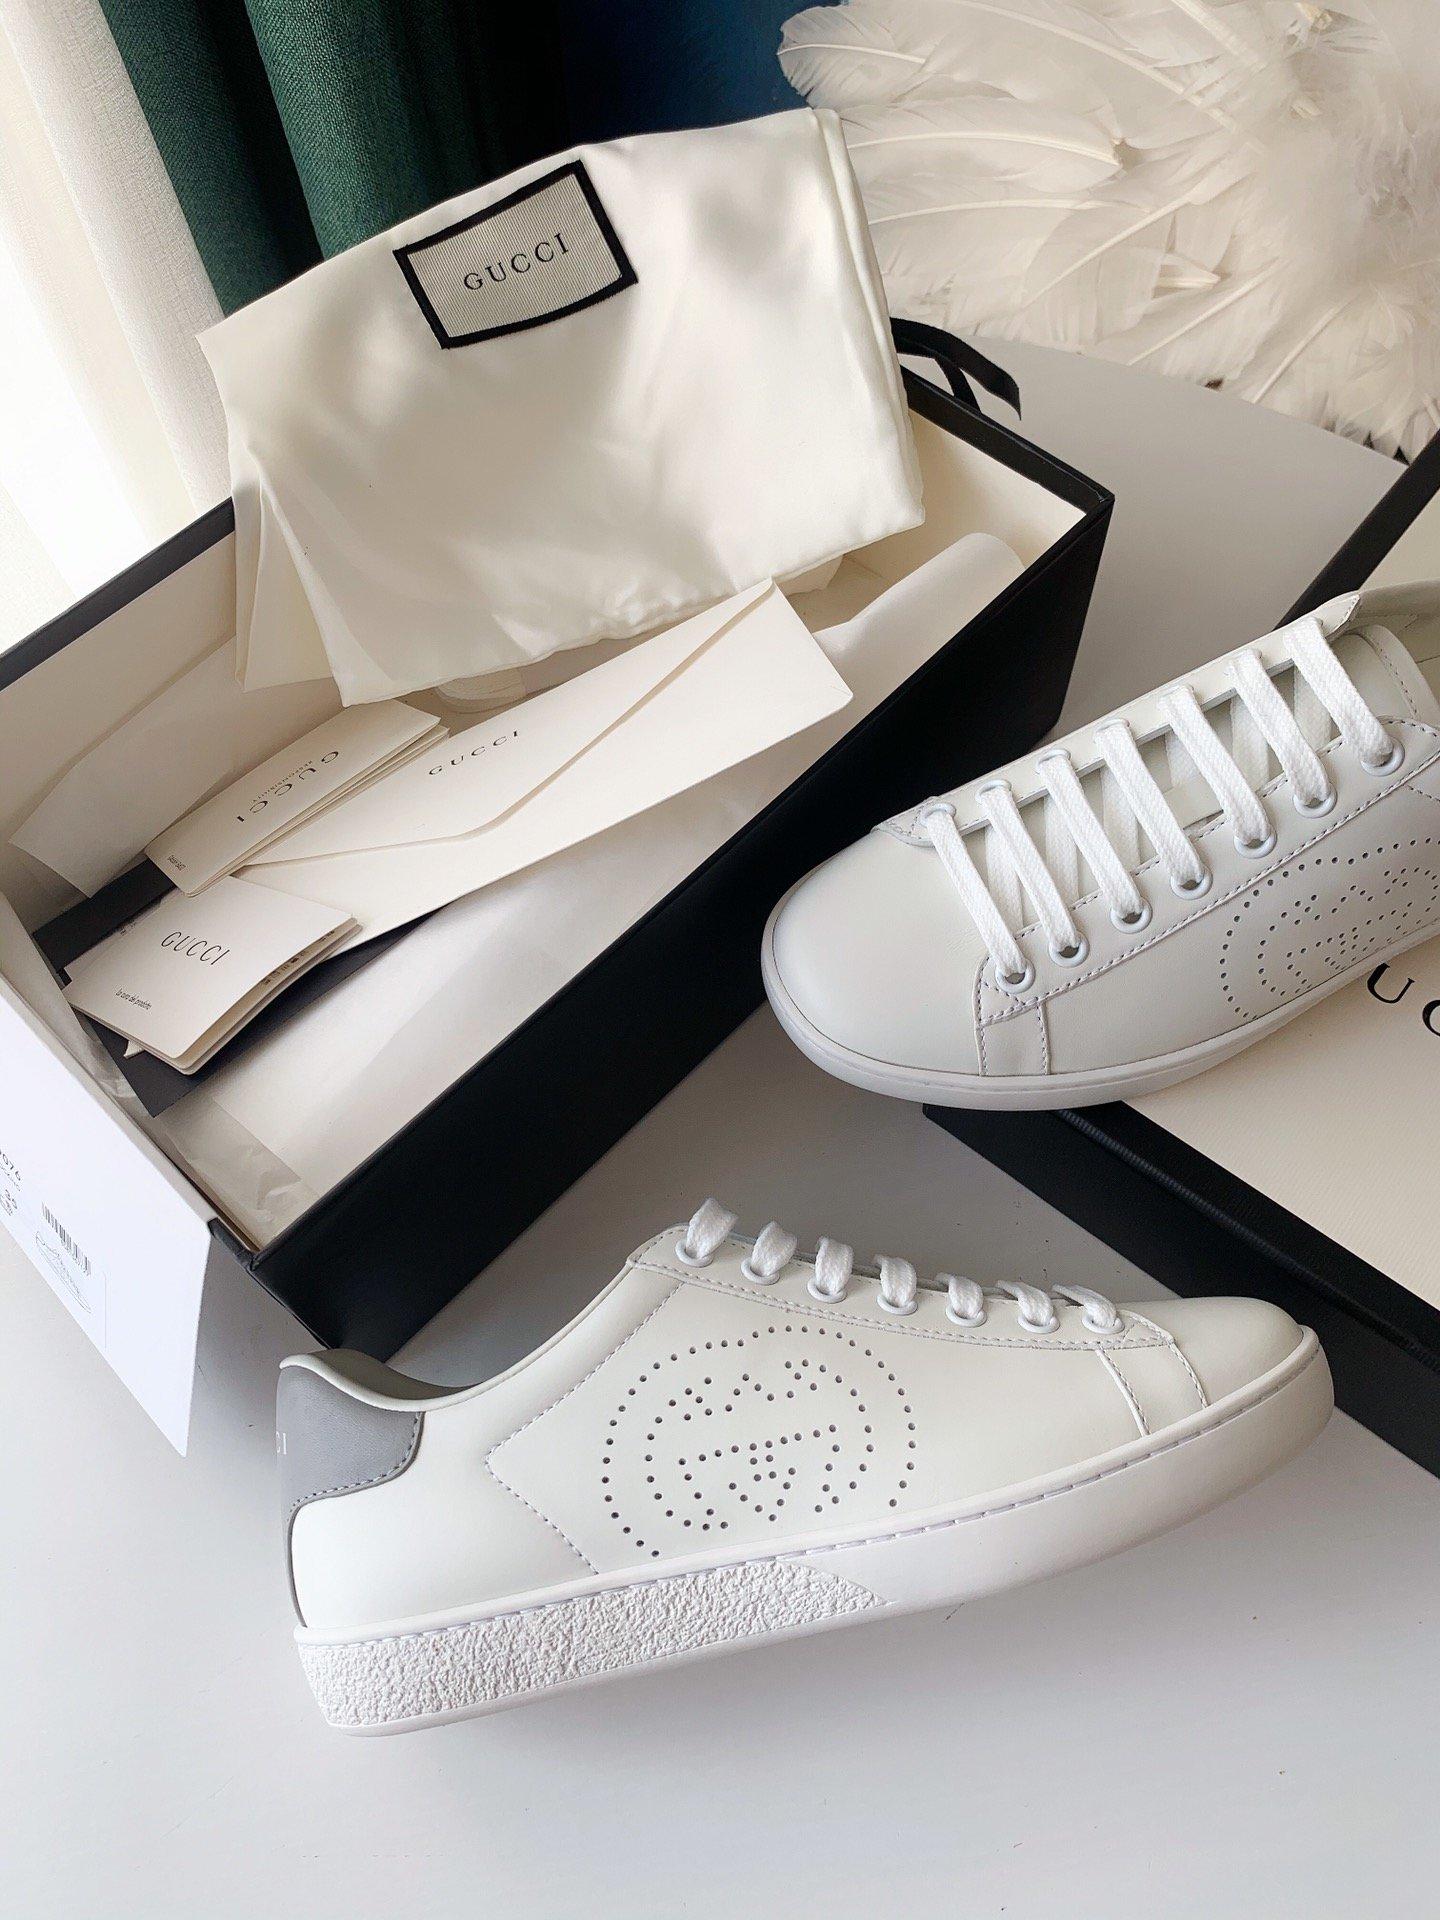 Gucci Ace小白鞋经典Ace运动鞋(图4)